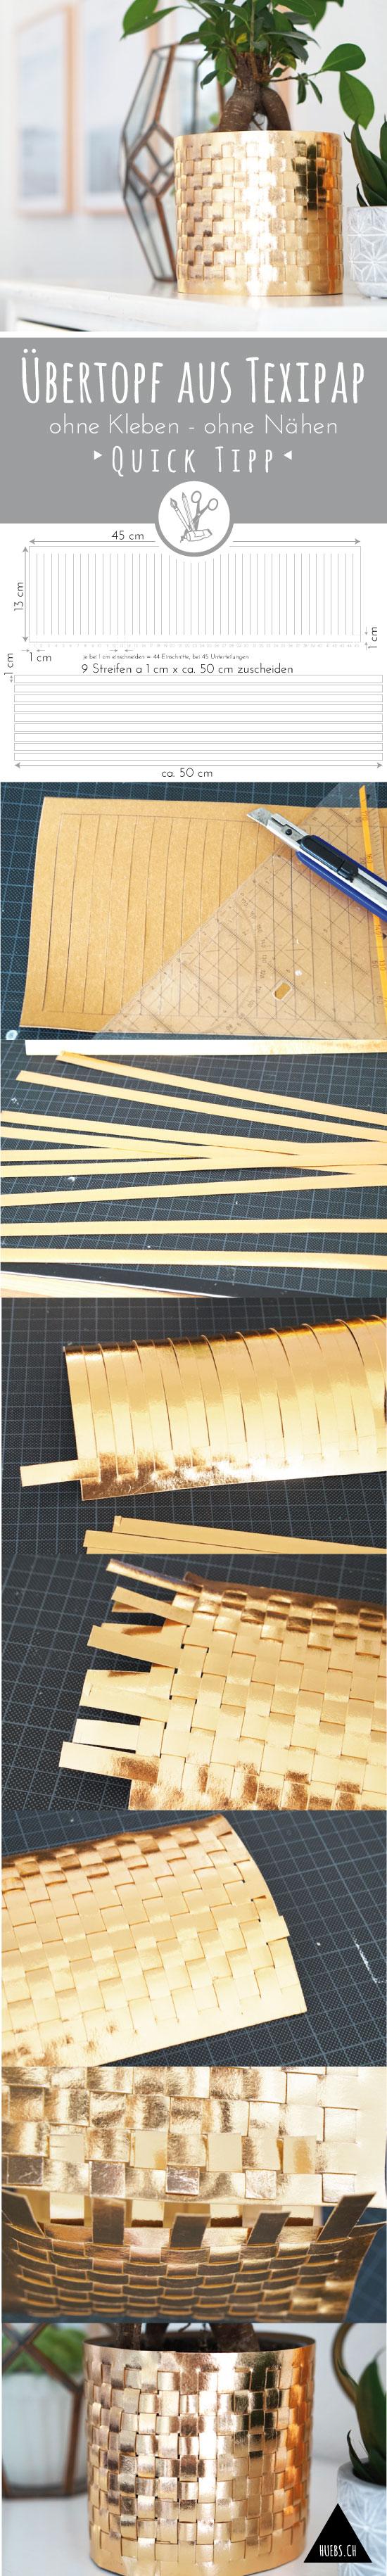 Lovely Kupferfarbener bertopf aus Texipap veganes Leder ein schnelles DIY ohne Kleben und ohne